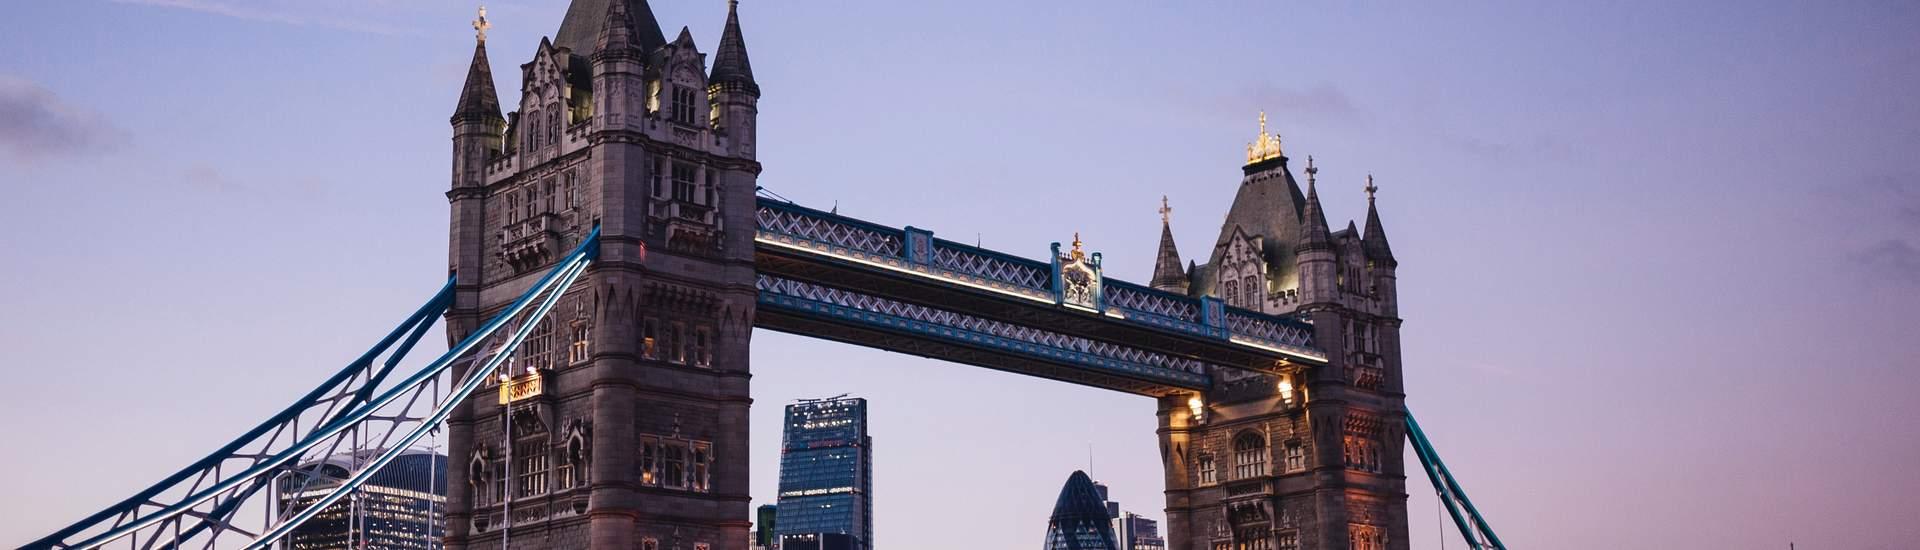 Curso de inglés para jóvenes en Londres, Inglaterra